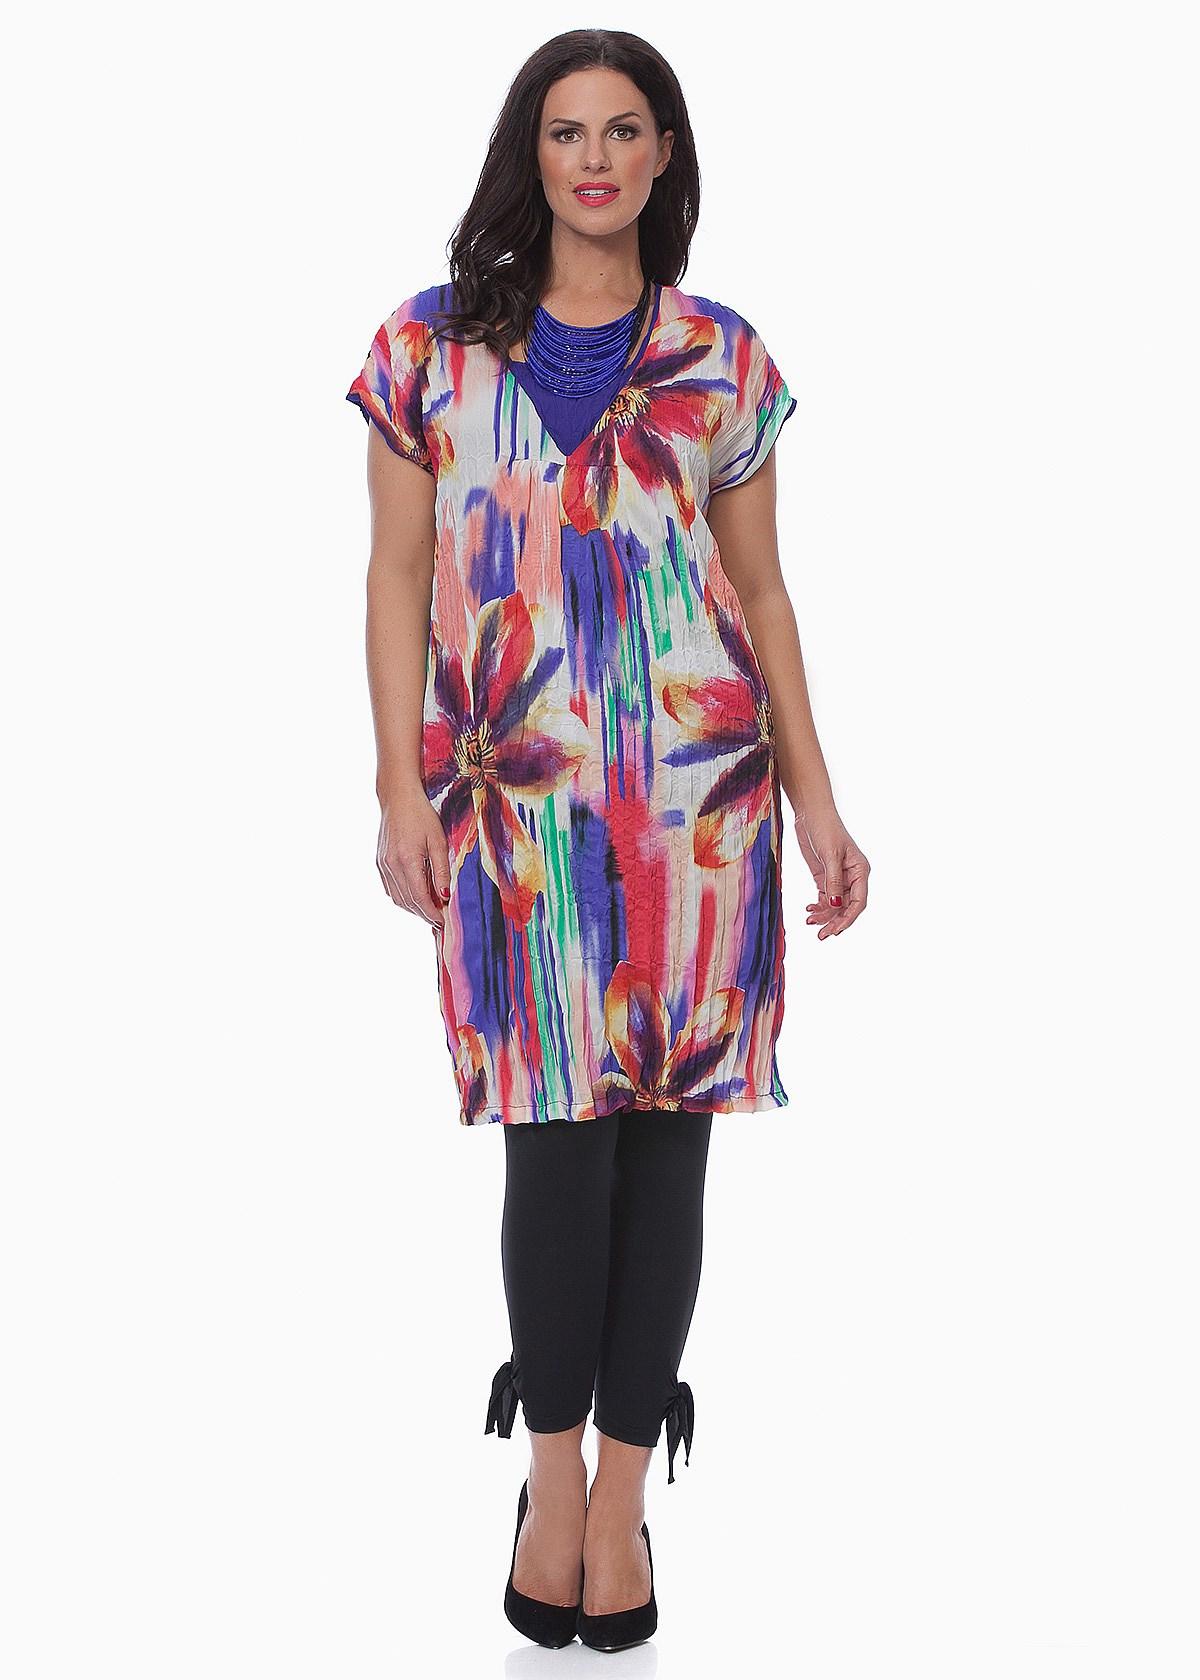 *晶品大码*---澳大利亚TS品牌高档女装 彩虹大花图案裙衫